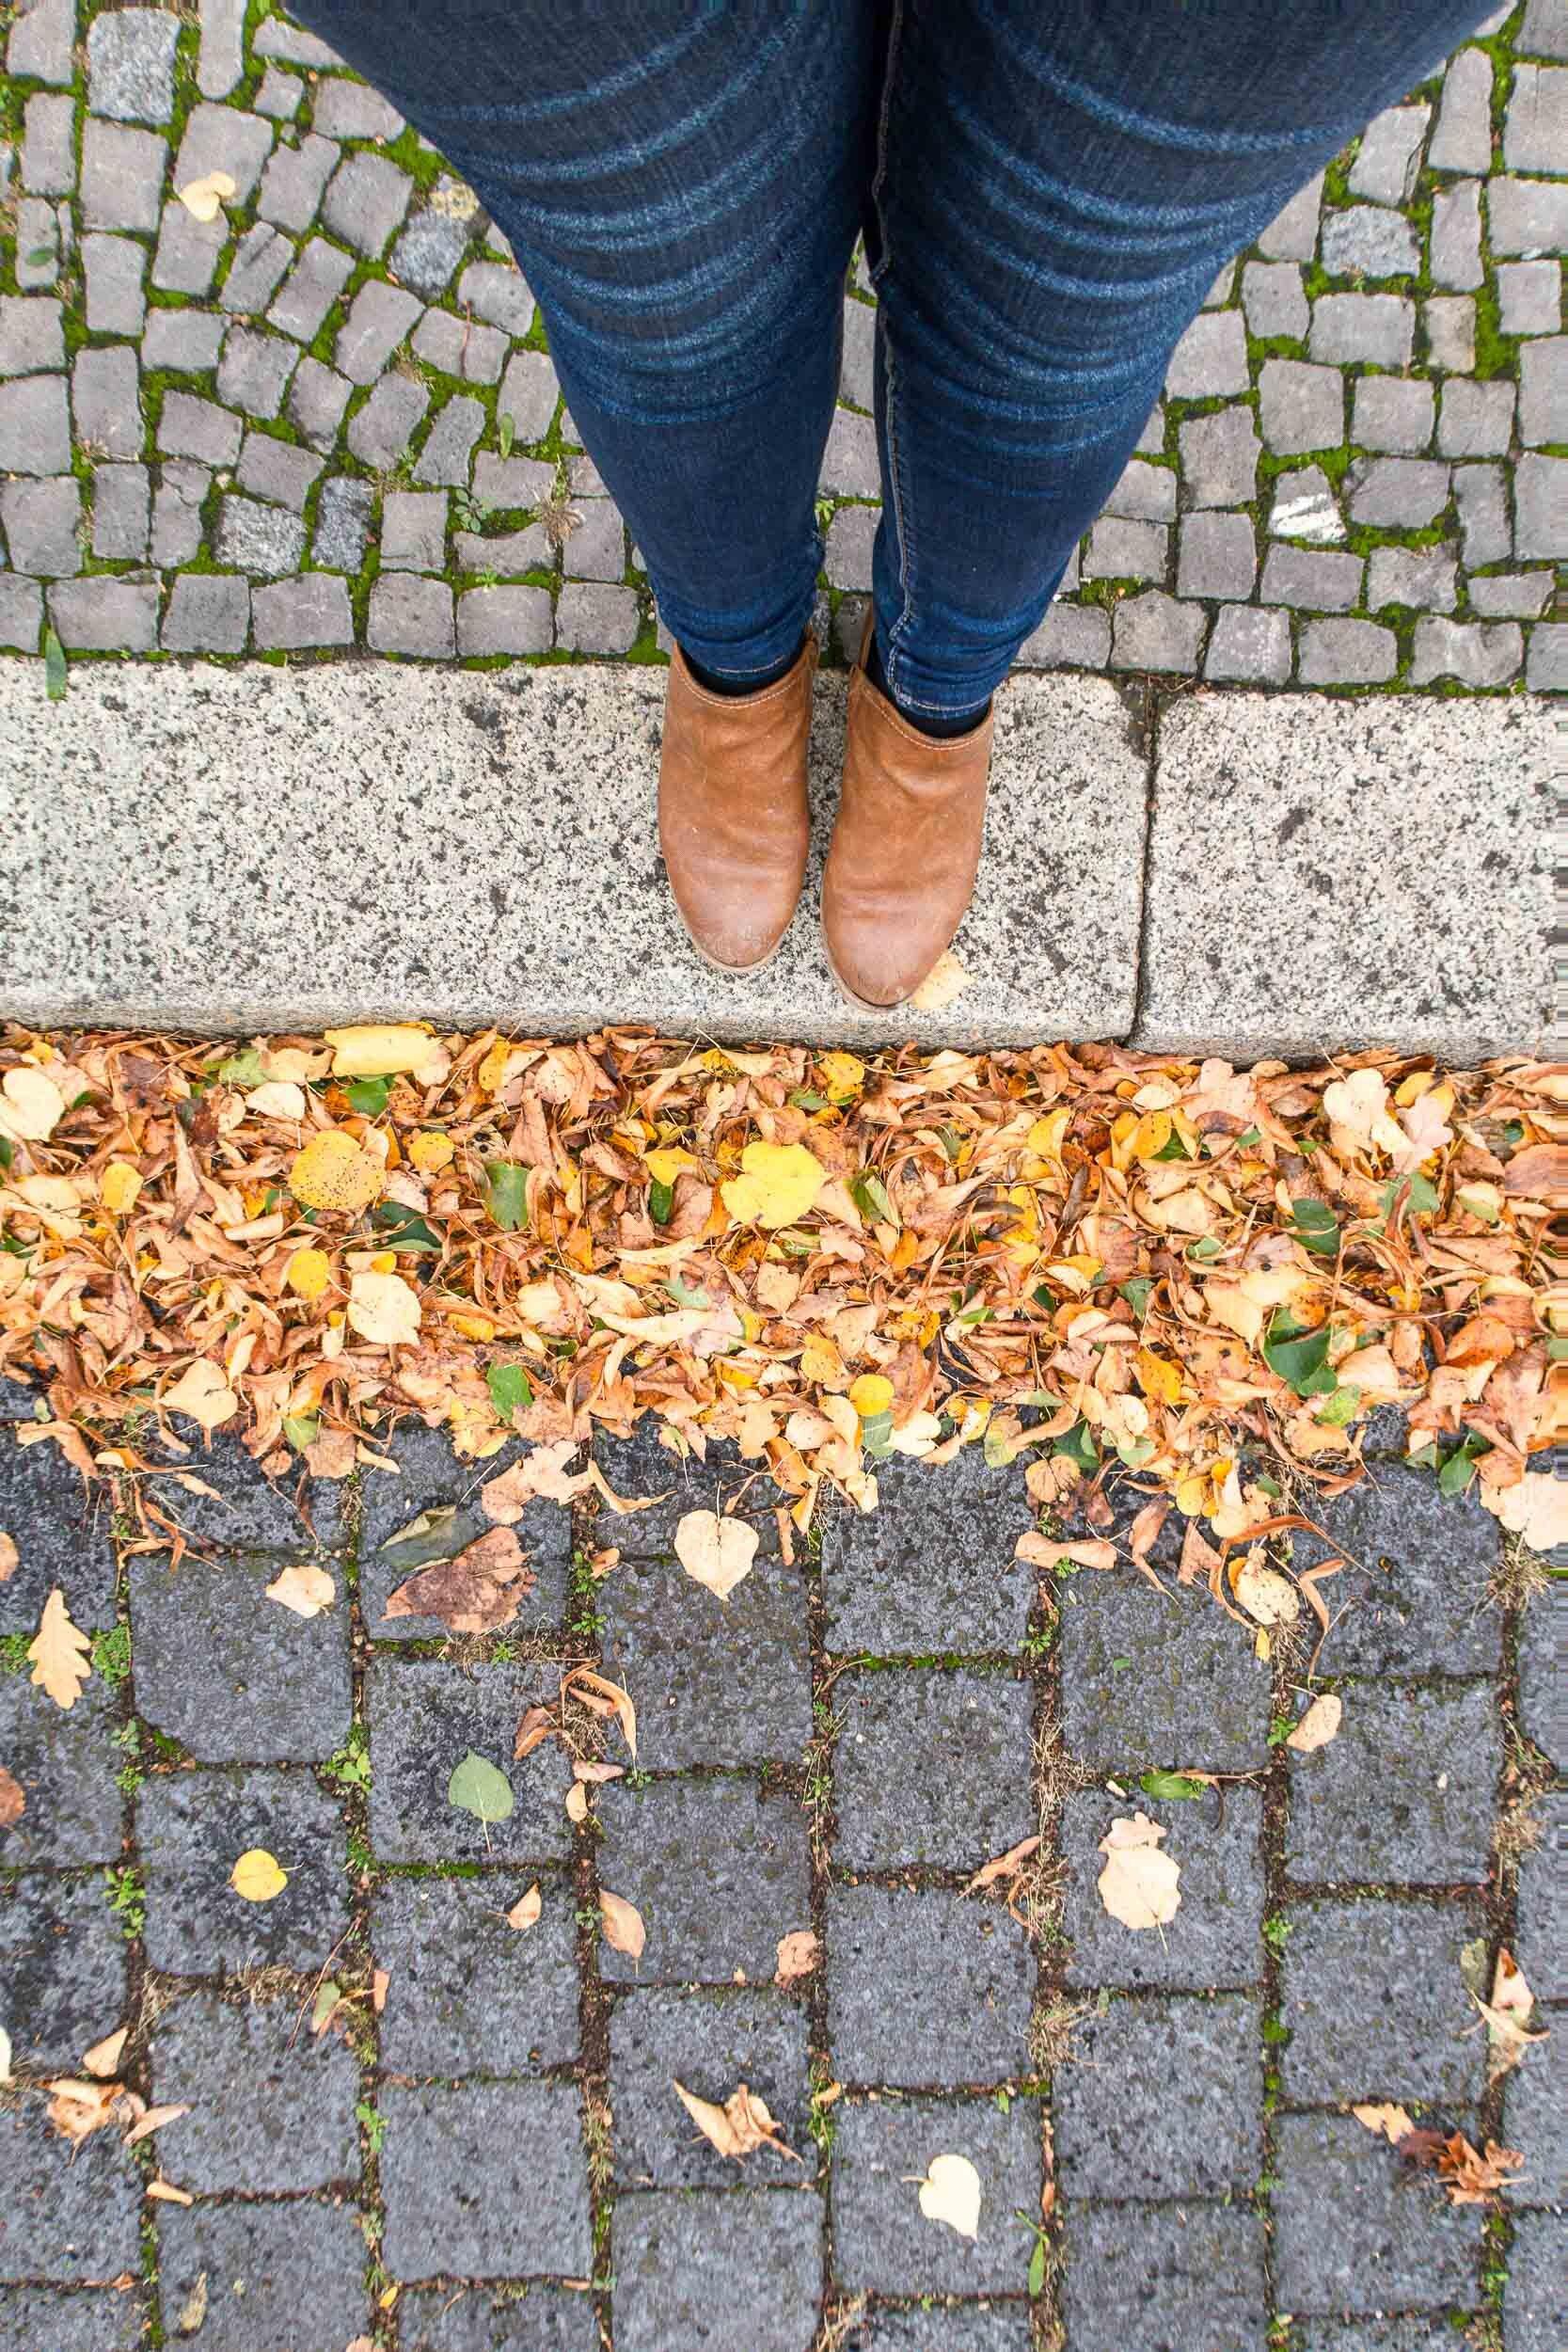 Fall fashion ideas by lifestyle blogger Bri Sul